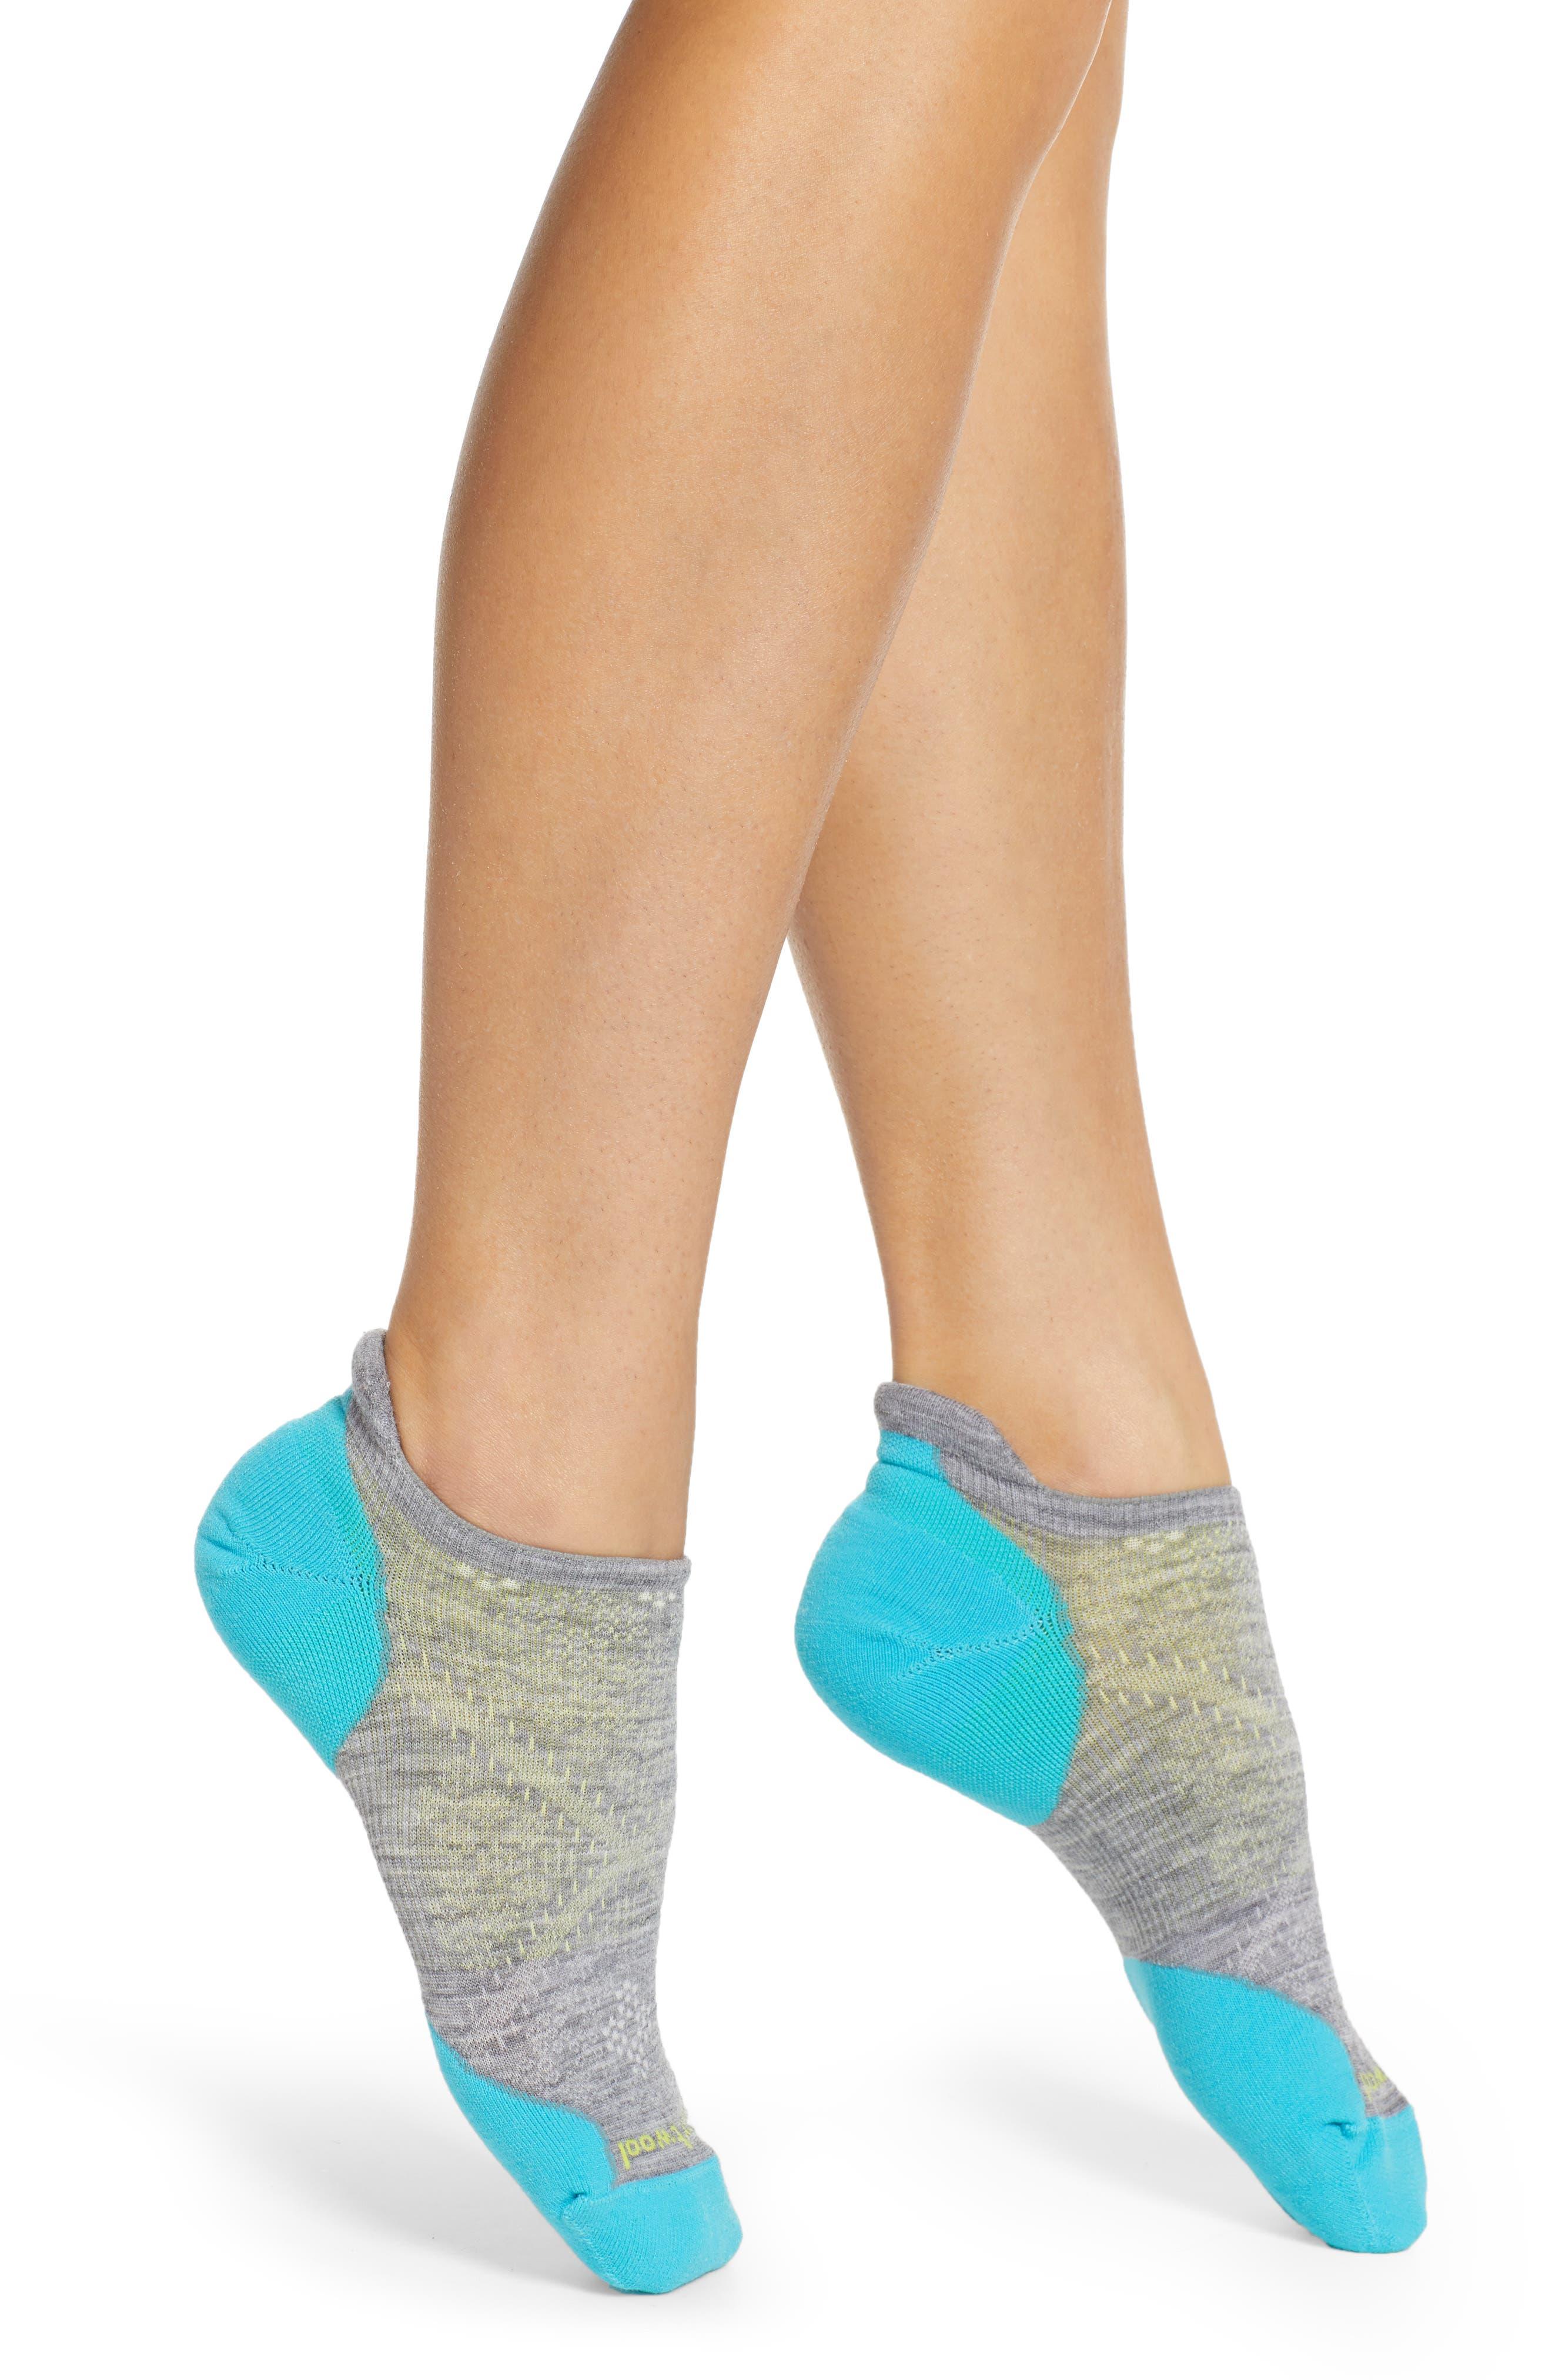 Yoga Toe Sock Nordstrom